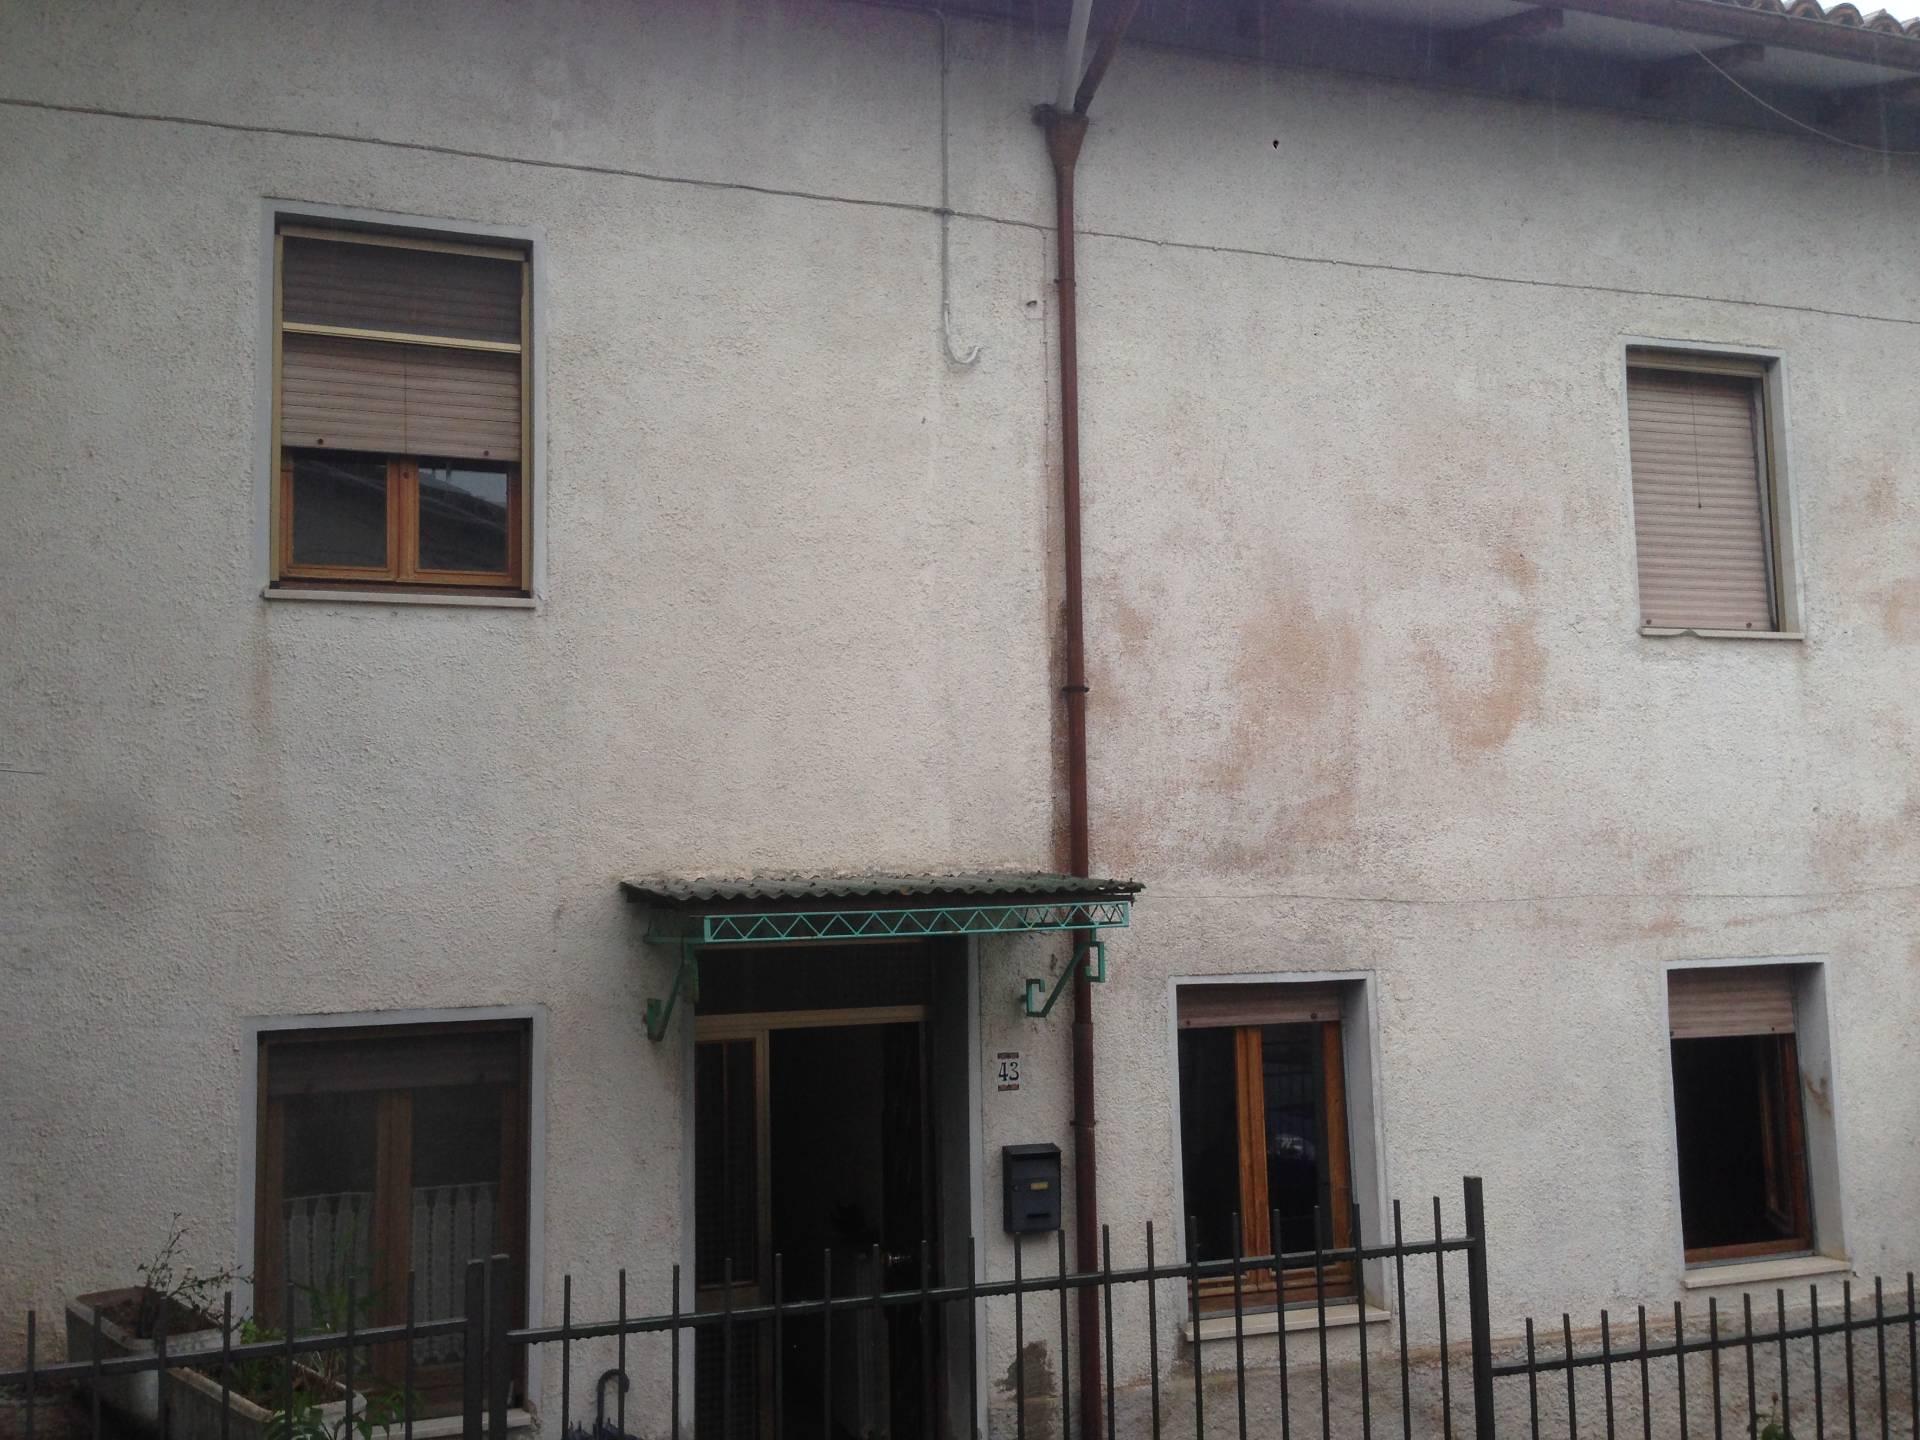 Soluzione Indipendente in vendita a Fabriano, 9 locali, zona Località: FRAZIONI, Trattative riservate | CambioCasa.it